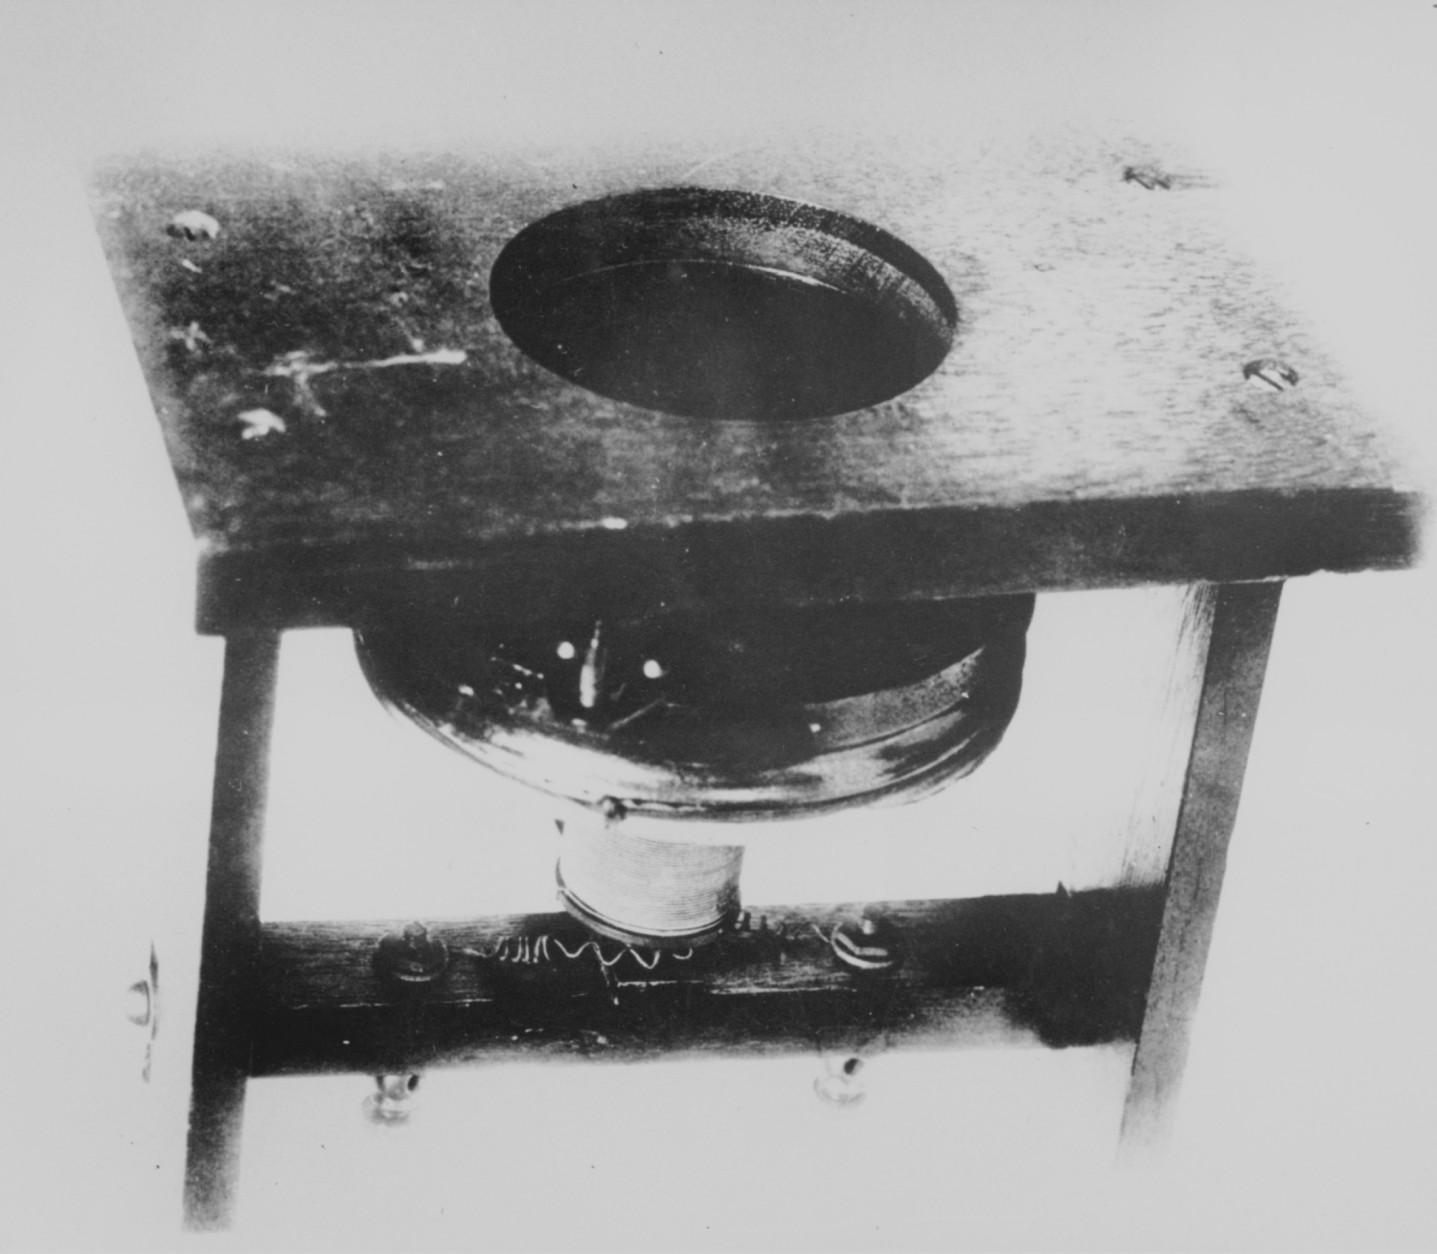 """ARCHIV: The first telephone, patented in 1876 by inventor Alexander Graham Bell (undatiertes Foto). 1861: Am 26. Oktober 1861stellt Johann Philipp Reis sein """"Telephon"""" erstmals der Oeffentlichkeit vor. Als Pruefung der Uebertragungsmoeglichkeit der Sprache auf elektrischem Weg waehlt er.den Satz: """"Das Pferd frisst keinen Gurkensalat."""" 1876: Alexander Graham Bell meldet sein Telefon, eine Weiterentwicklung des Reis'schen Apparats, zum Patent an. 1877: In Deutschland wird das erste Gespraech mit einem Bell-Apparat gefuehrt. Noch im selben Jahr produziert die Firma Siemens & Halske die ersten Telefone. (zu dapd-Text) Foto: Anonymous/AP/dapd"""